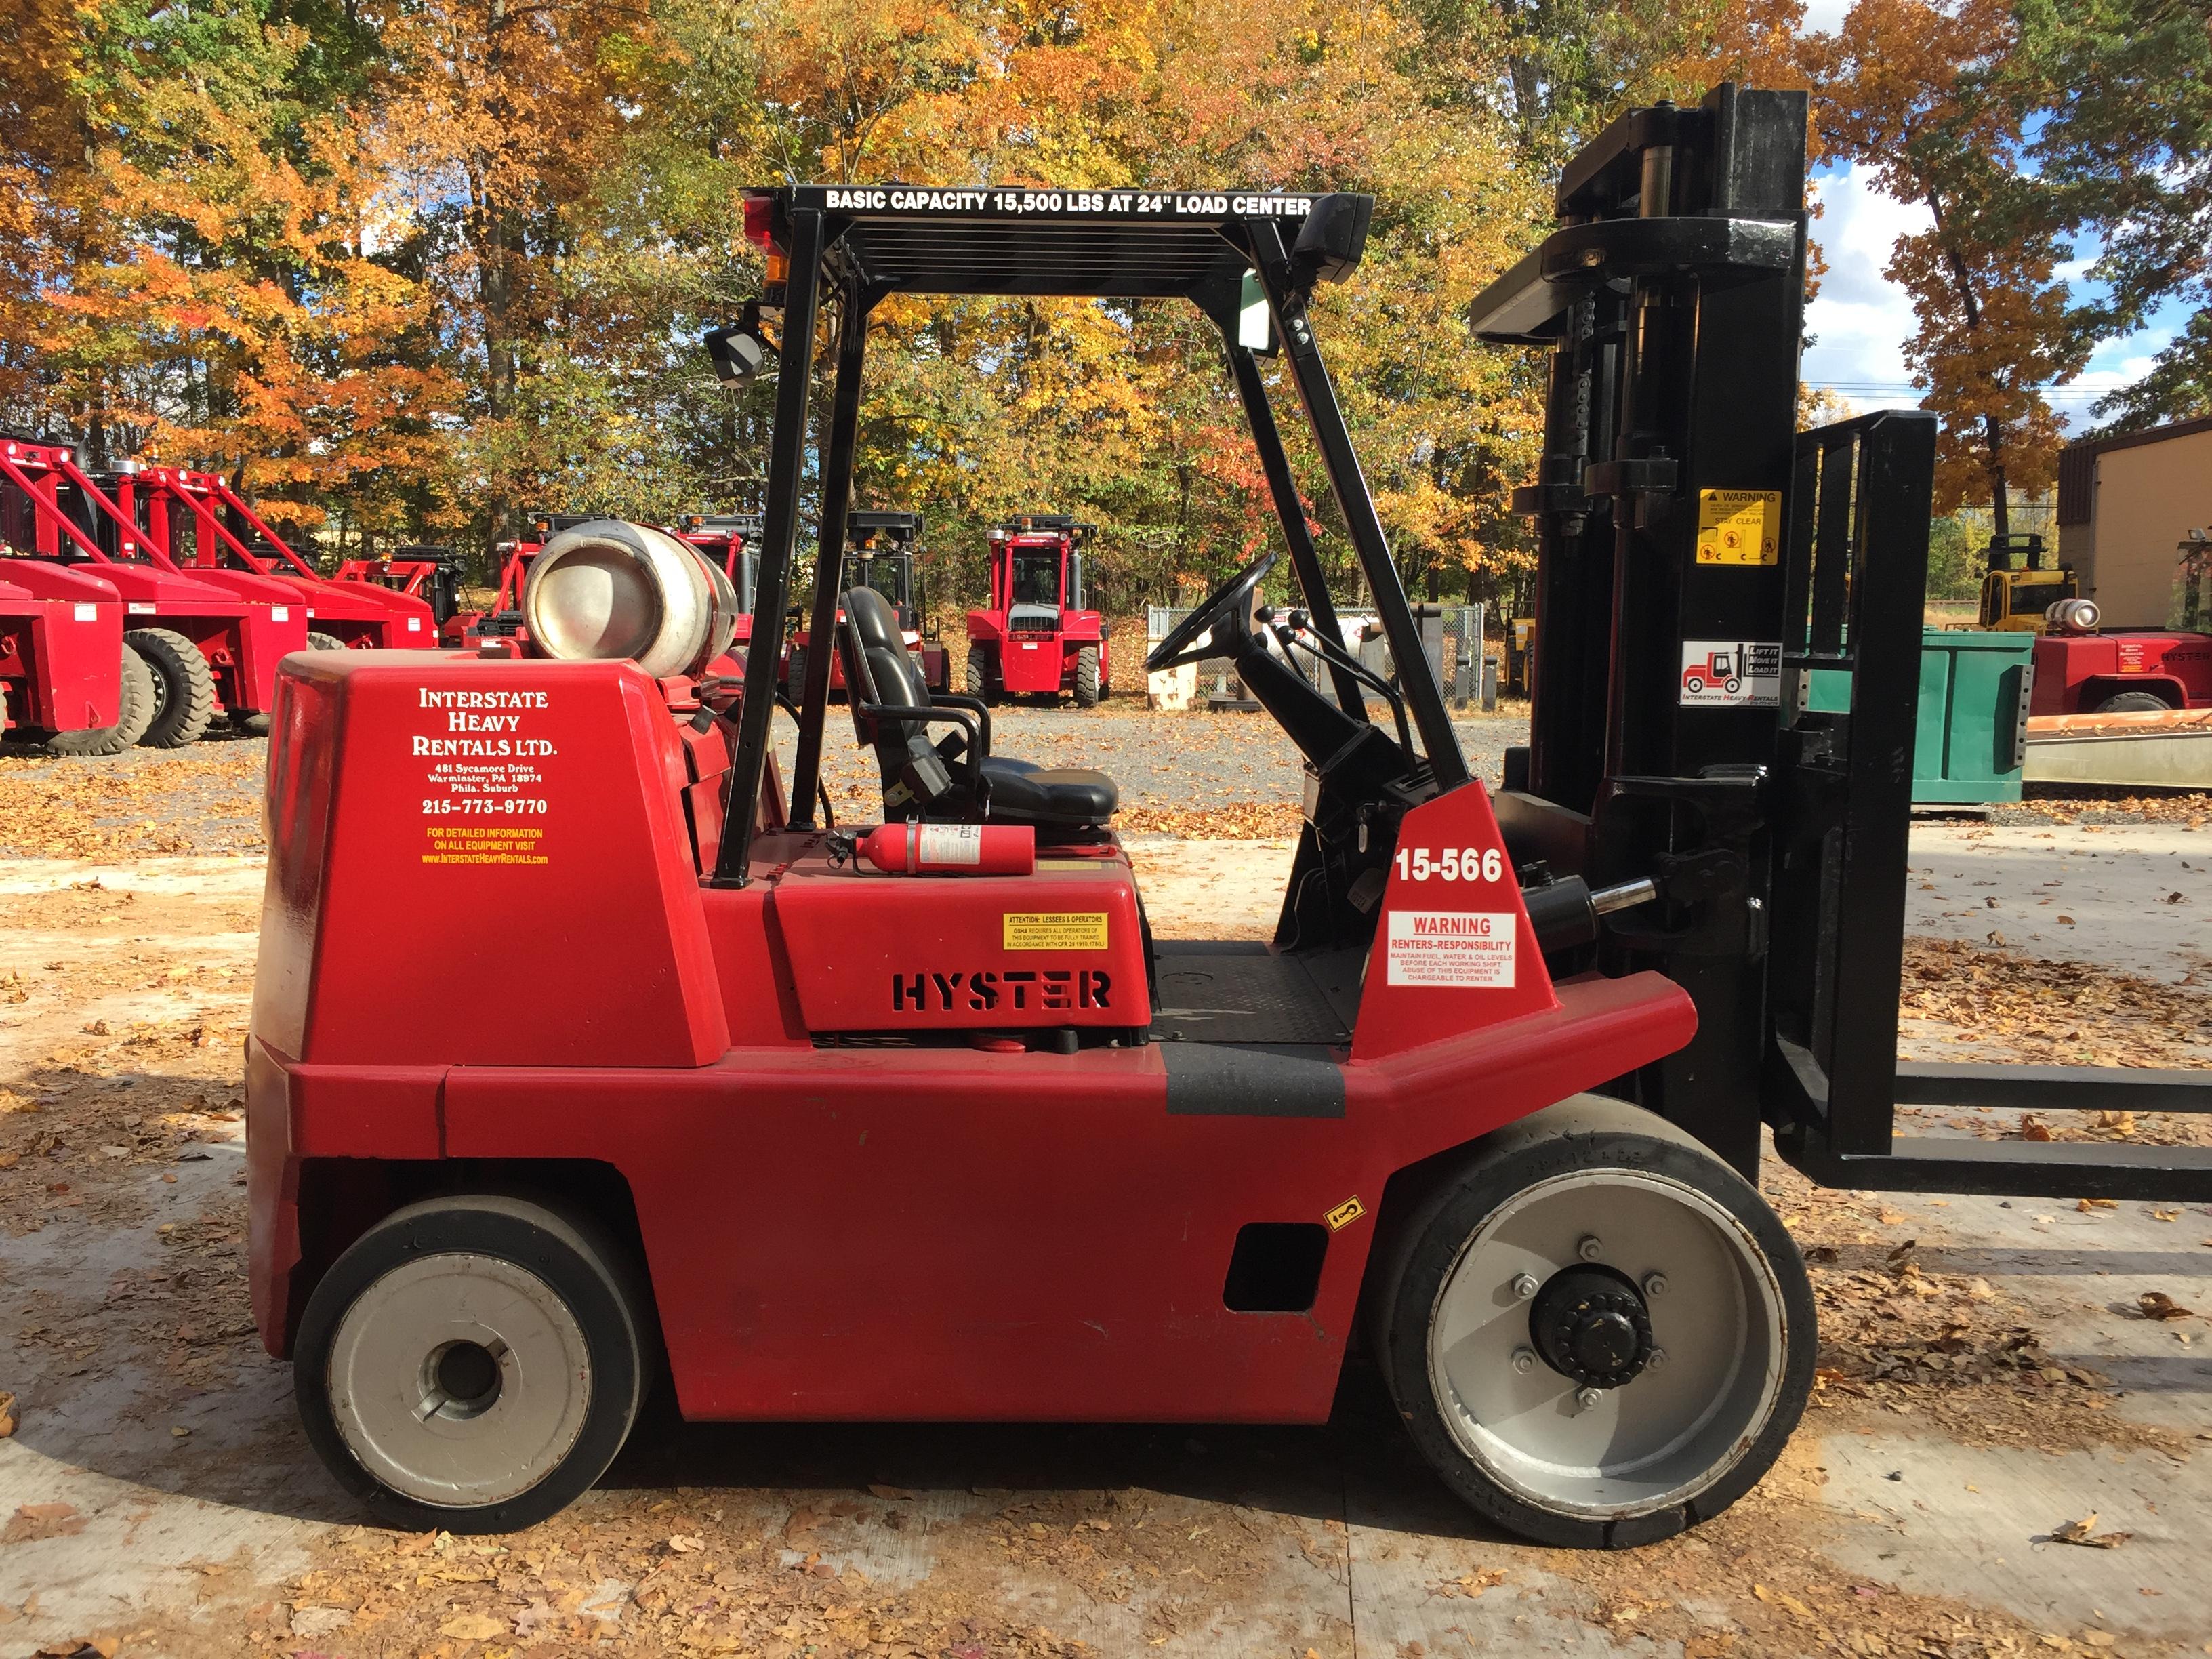 15-566 Hyster S155XL | Interstate Heavy Rentals